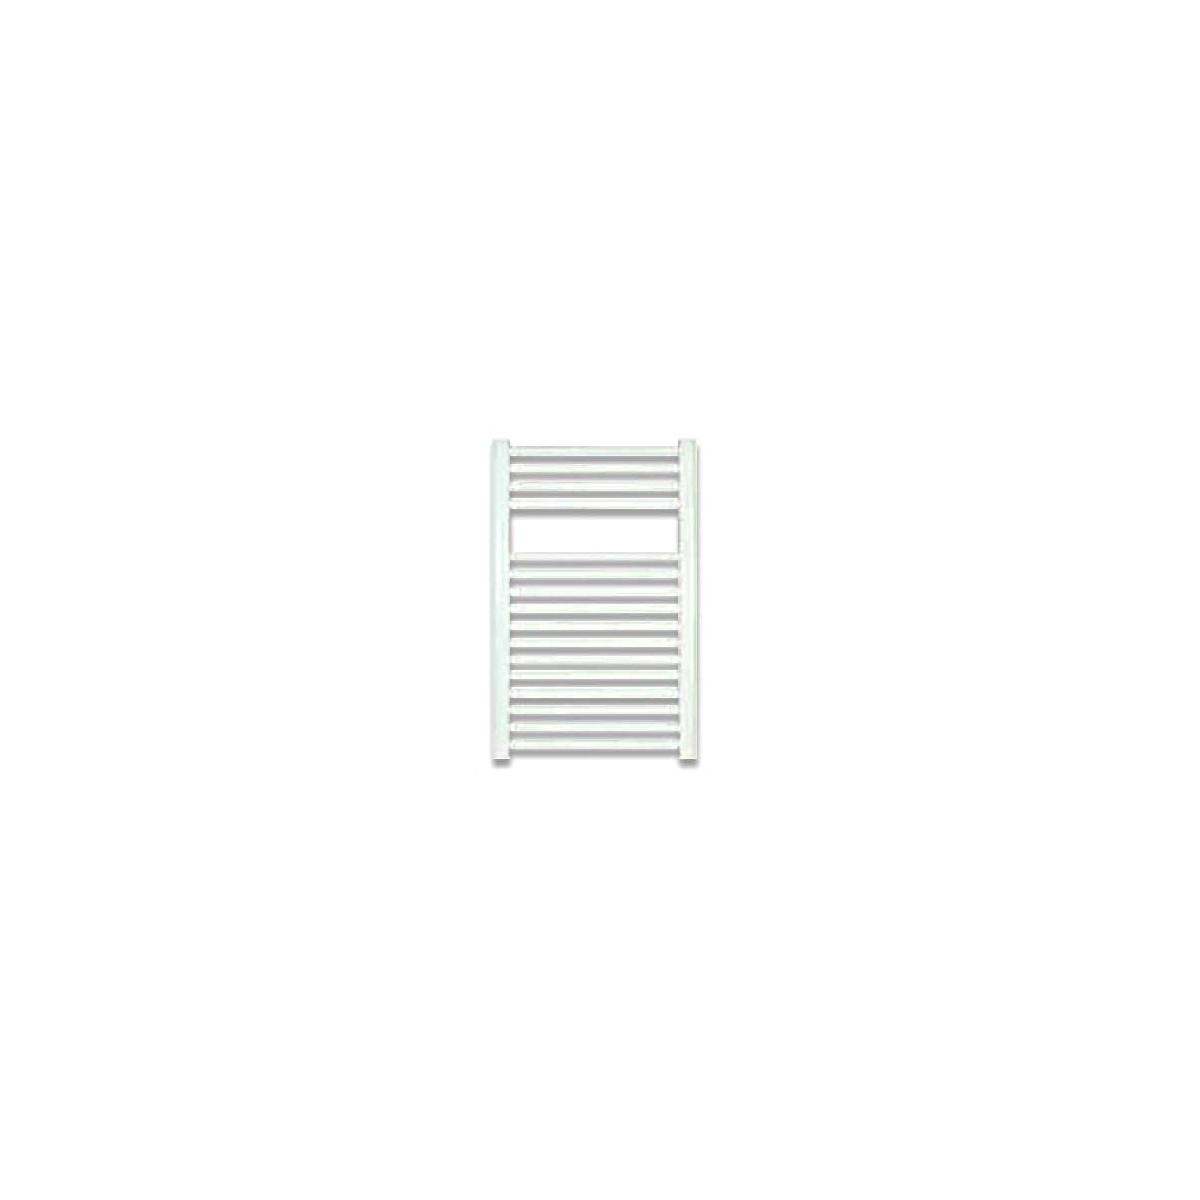 Radiador baño-toallero zeta classic blanco recto l- 500 h-800